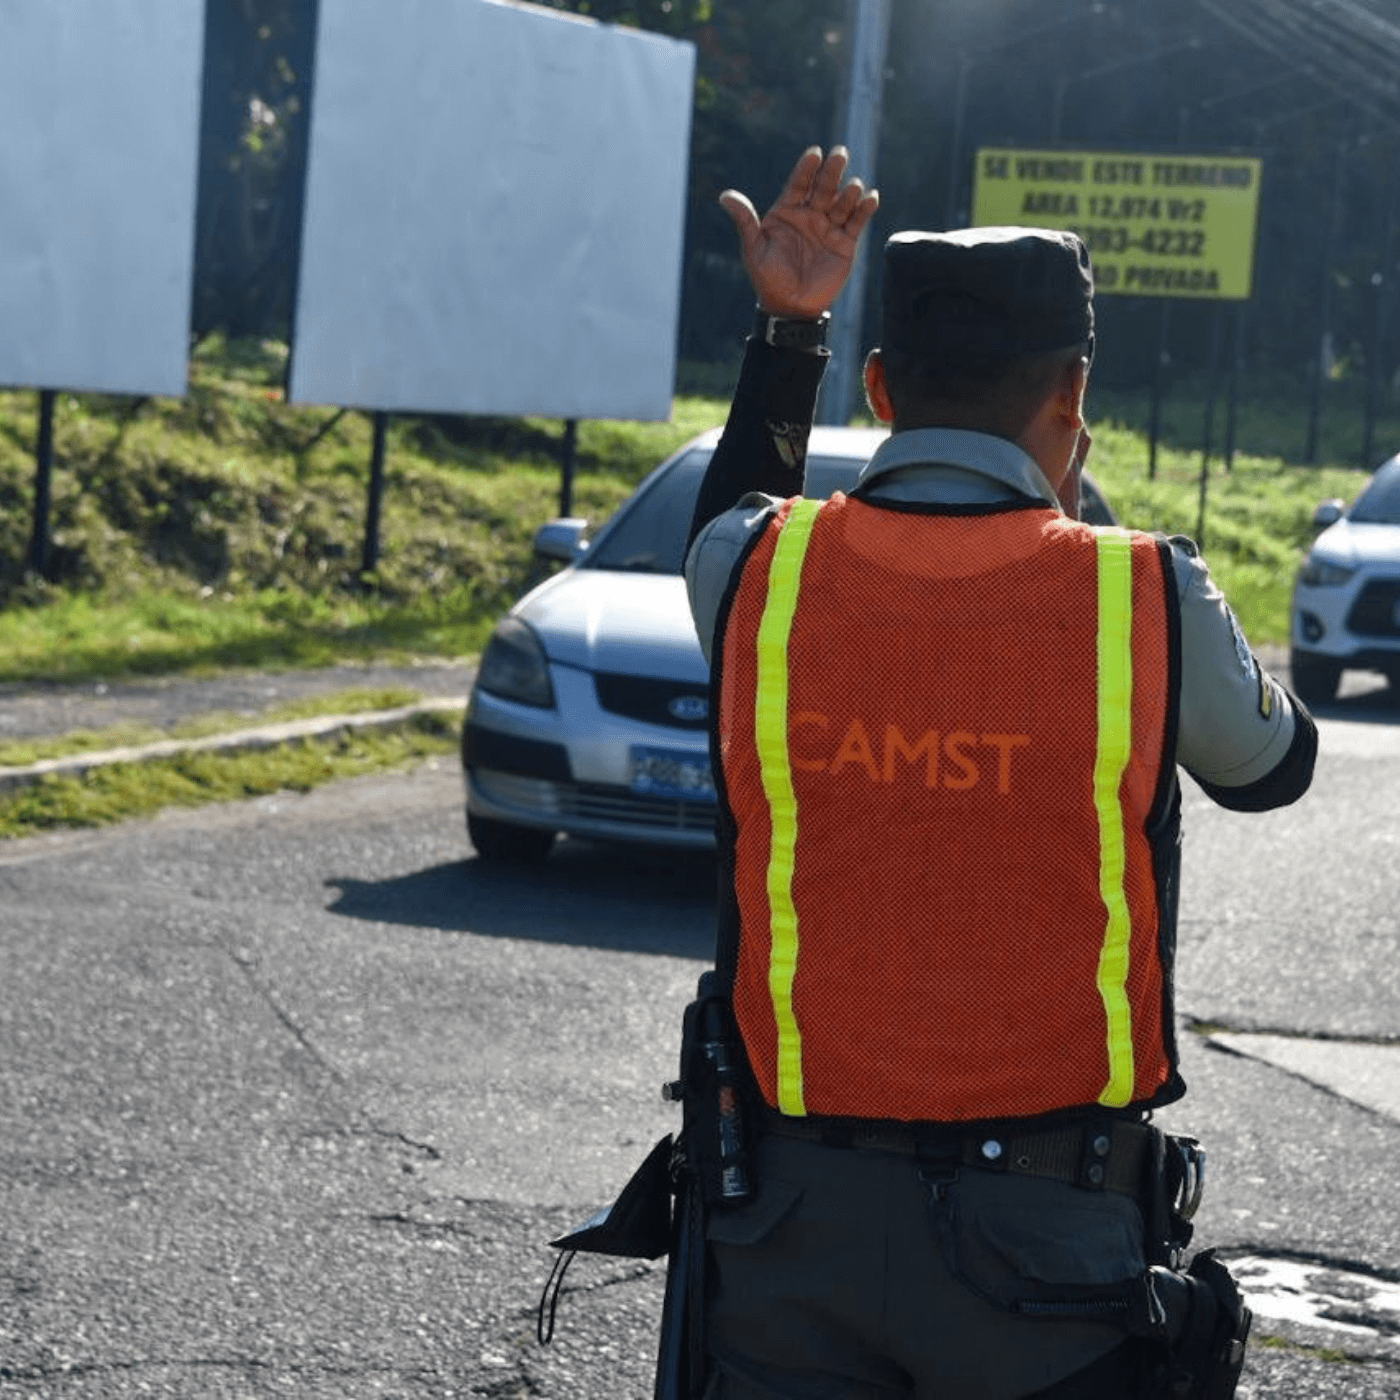 Las Acciones Para Mejorar El Tránsito En Santa Tecla. CAMST. Fotografía. Roberto d'Aubuisson. 2021